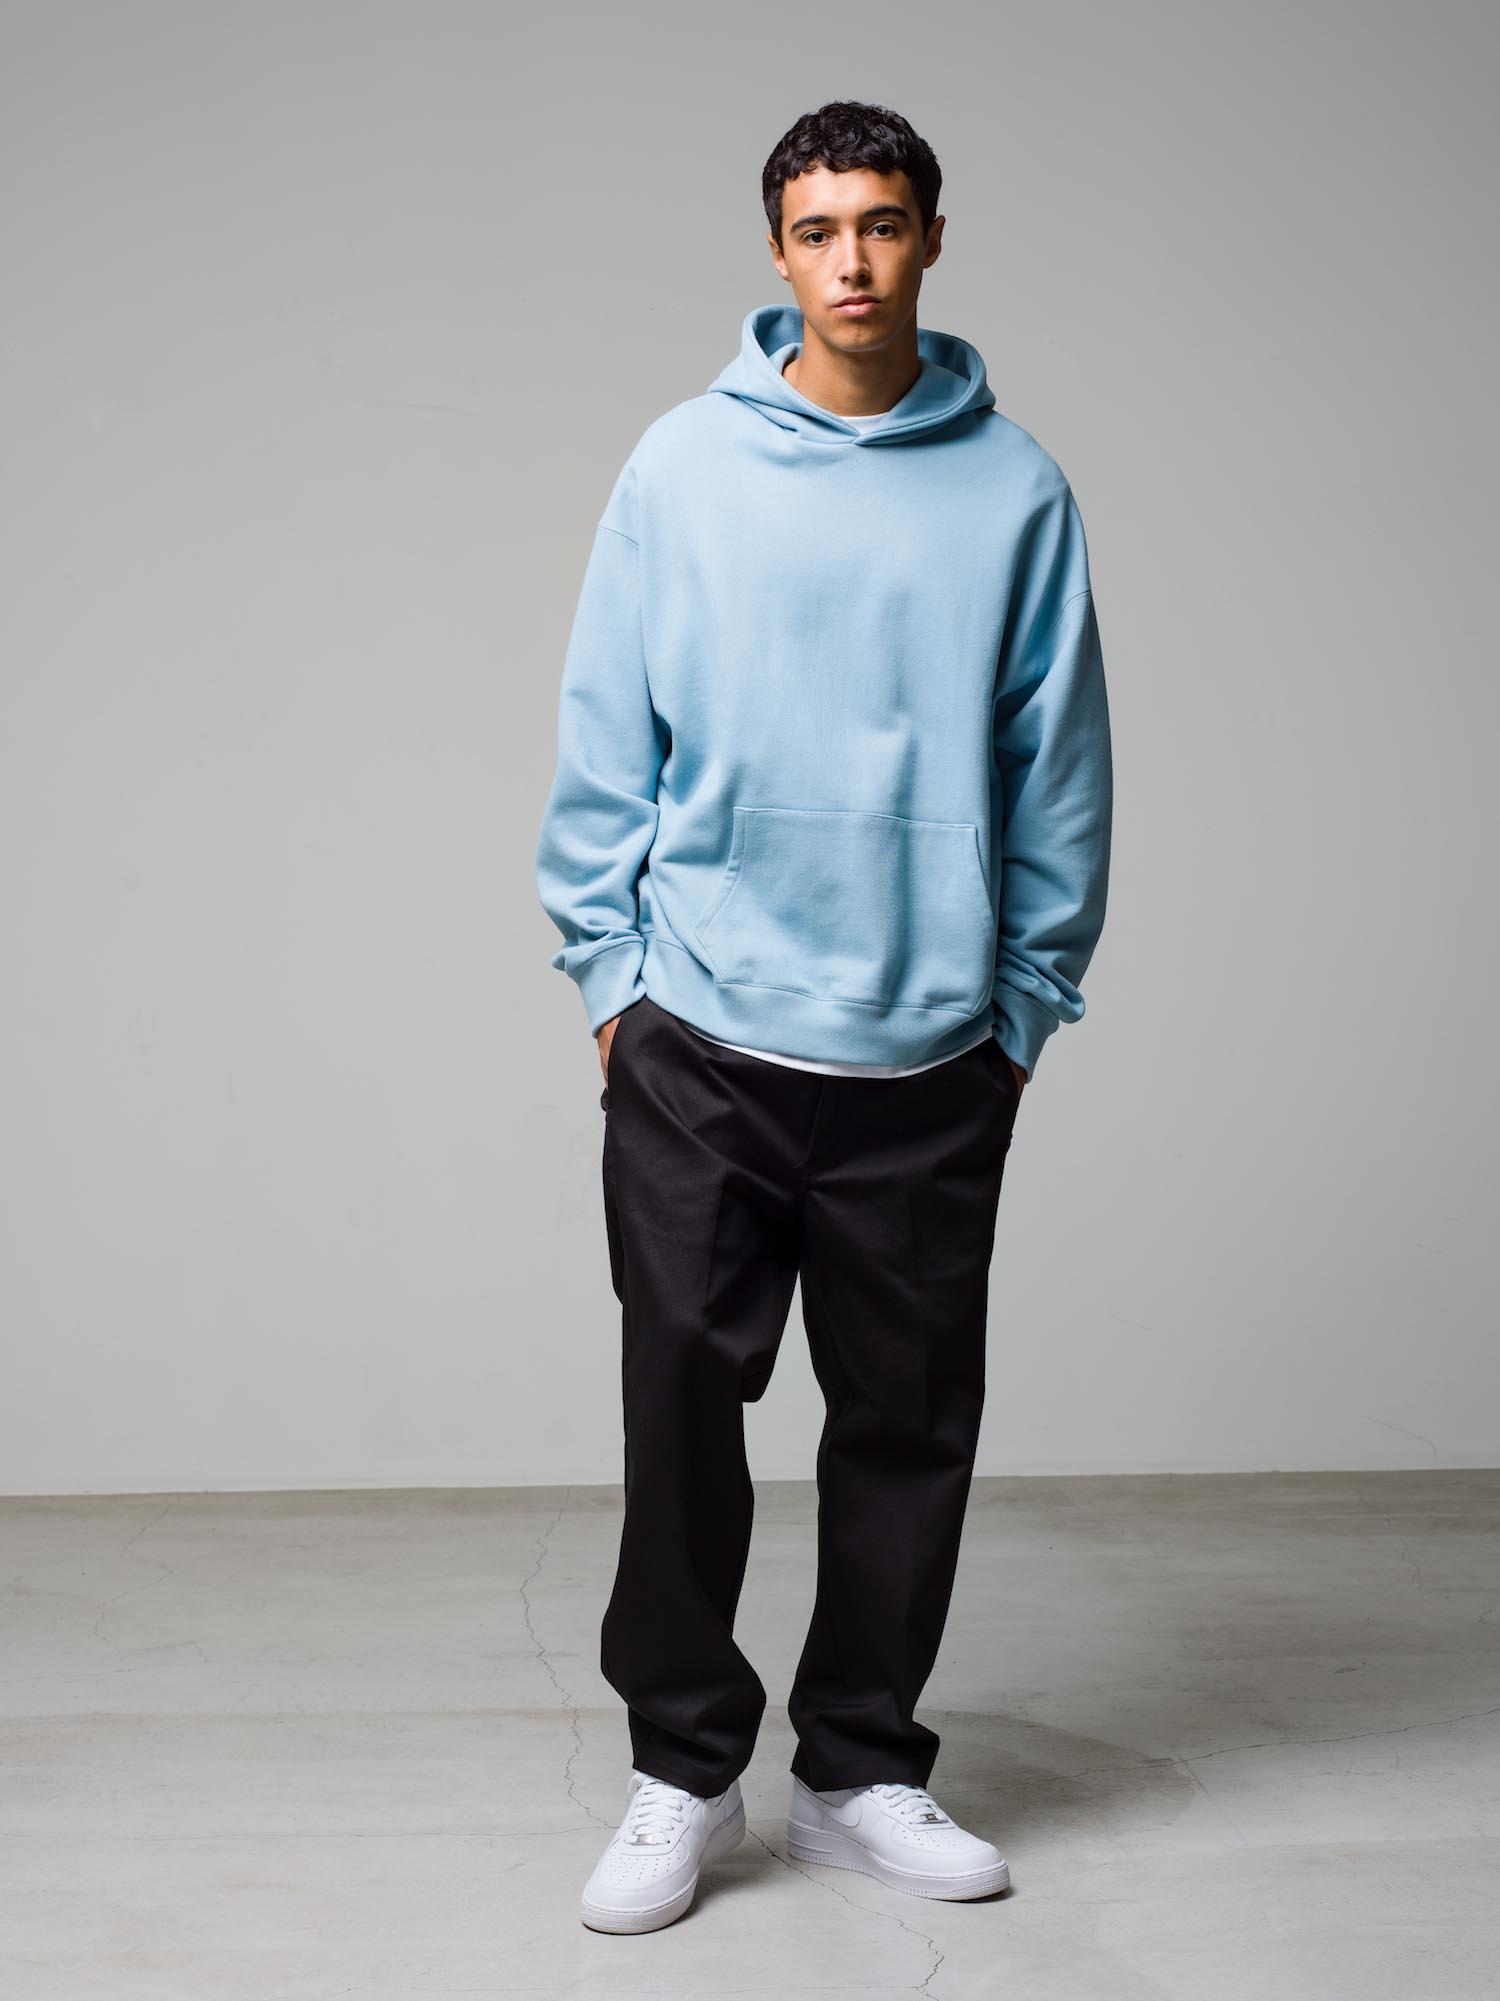 36) Hoodie ¥25,300  Inner ¥8,800  Pants ¥22,000  Shoes ¥11,000